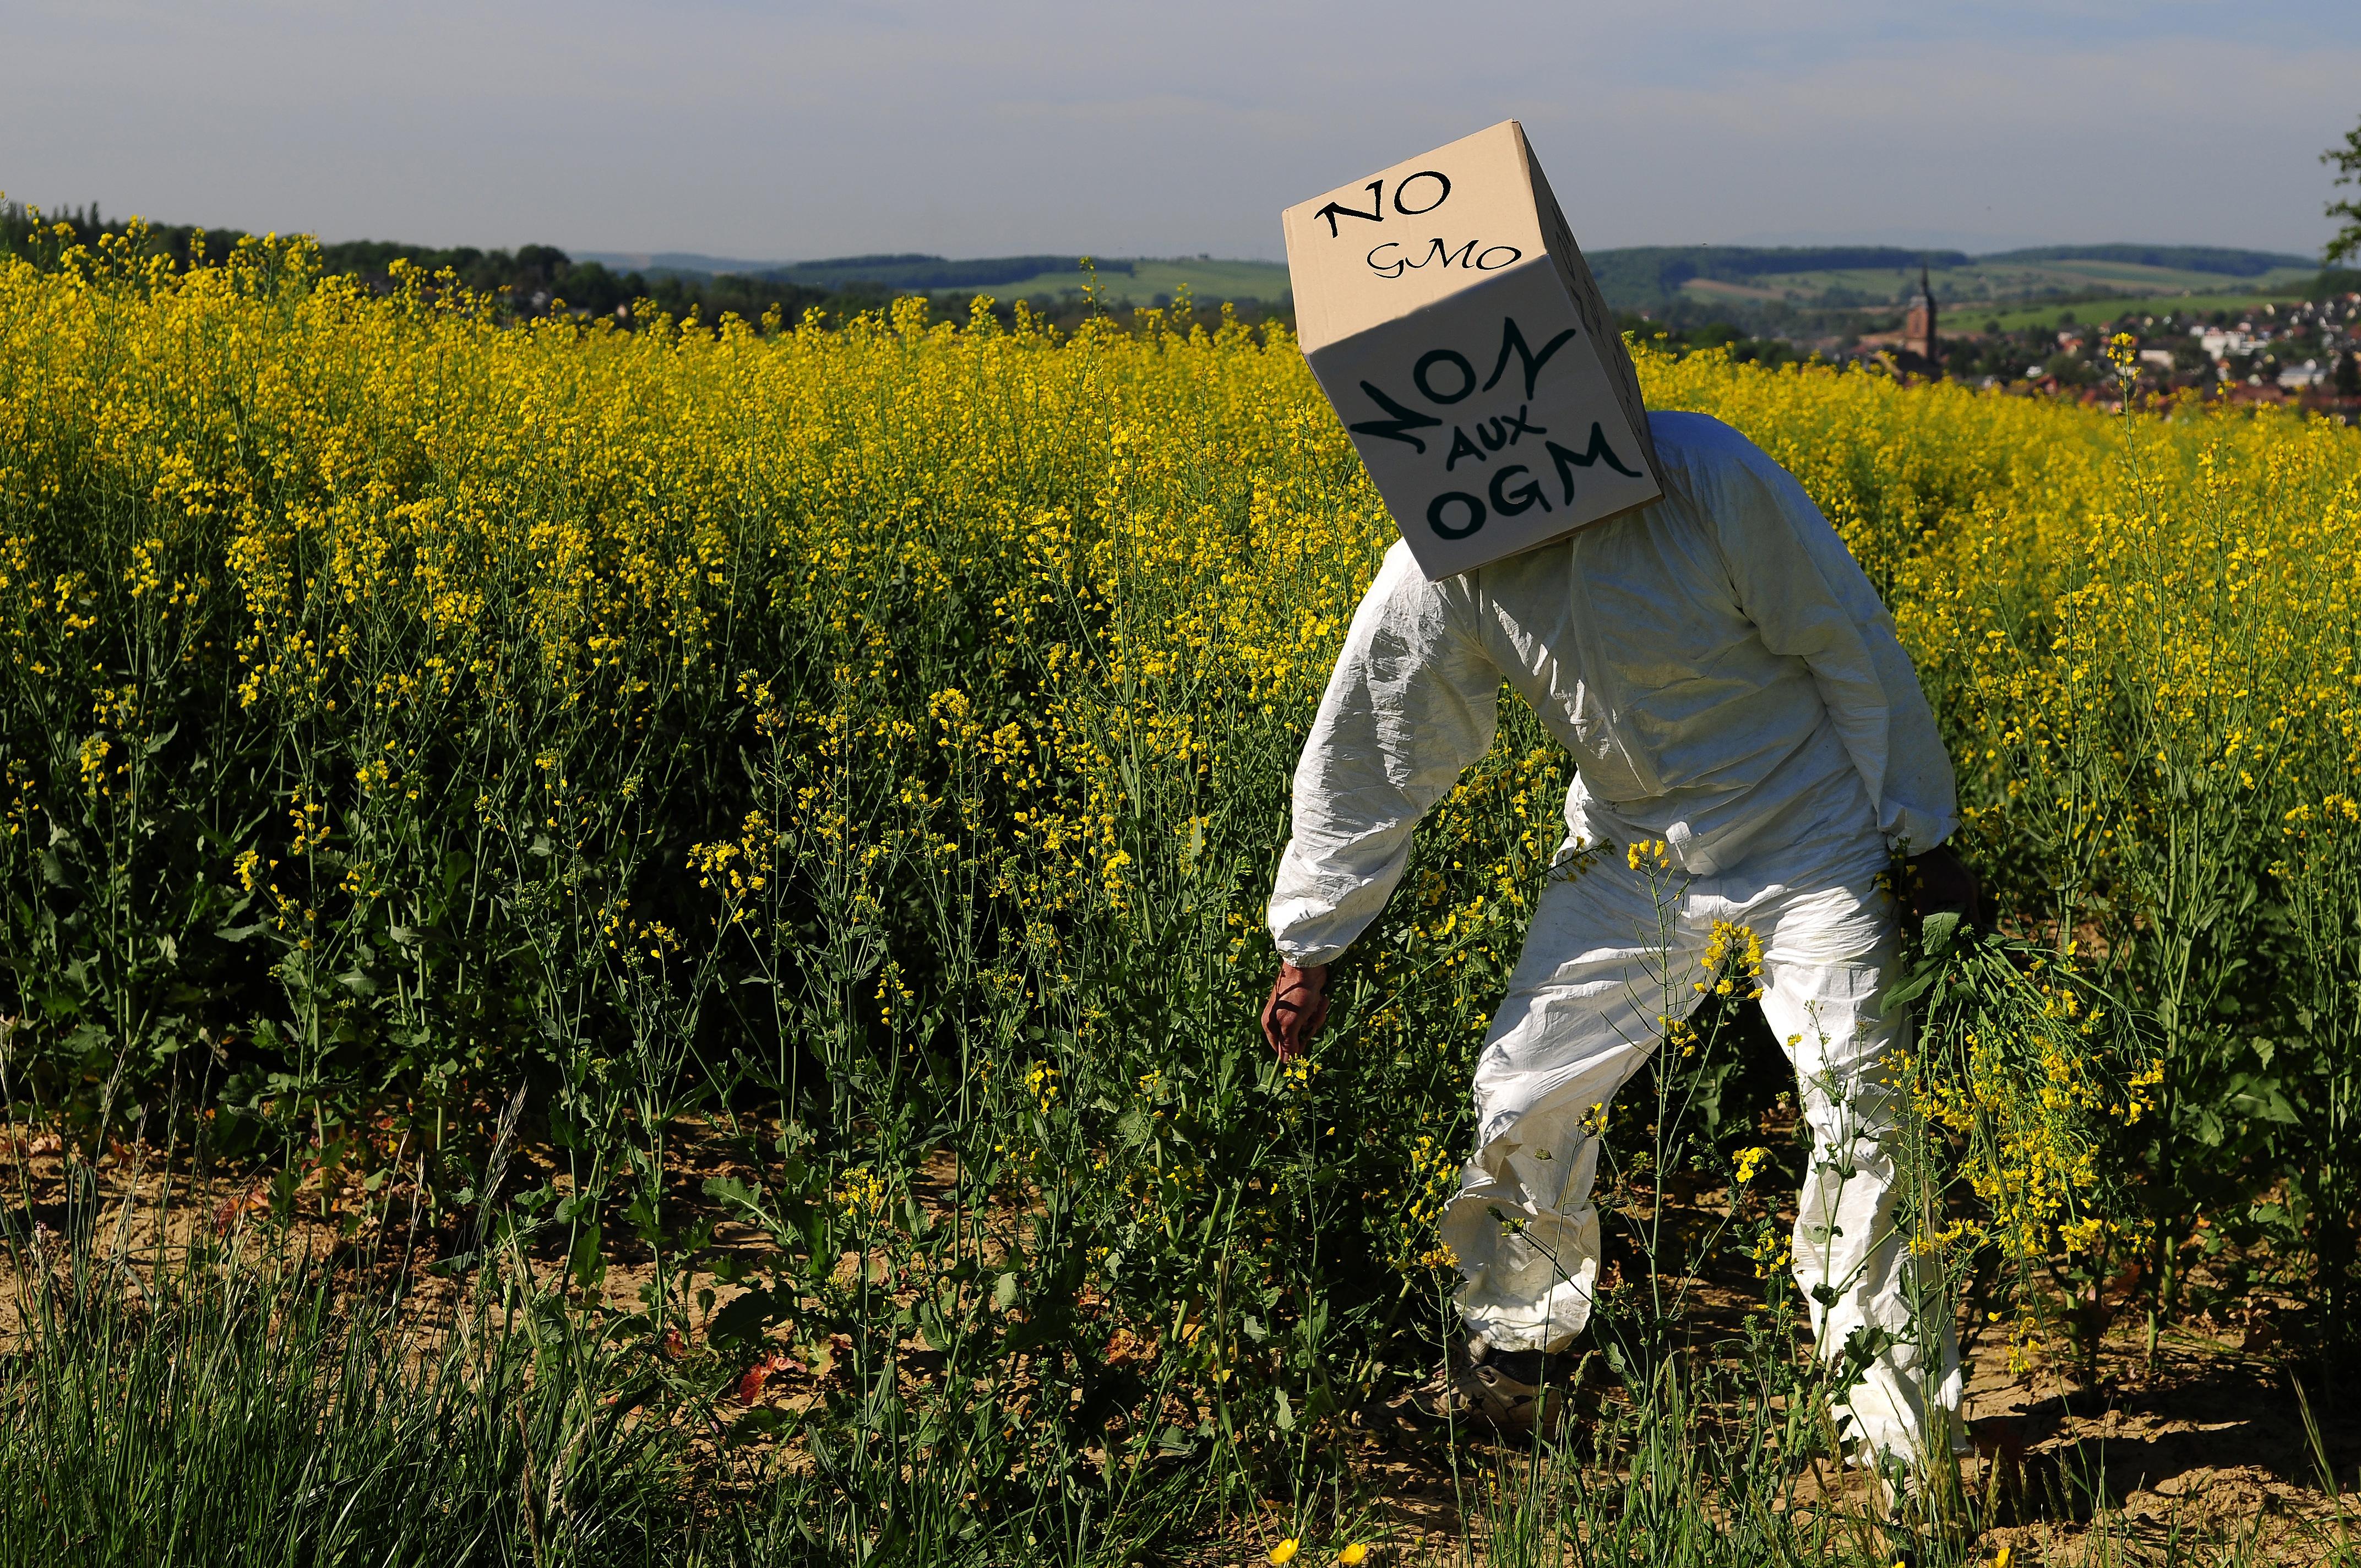 A kormány döntött az élelmiszerbiztonság erősítésére hozandó büntetőjogi szabályozásról